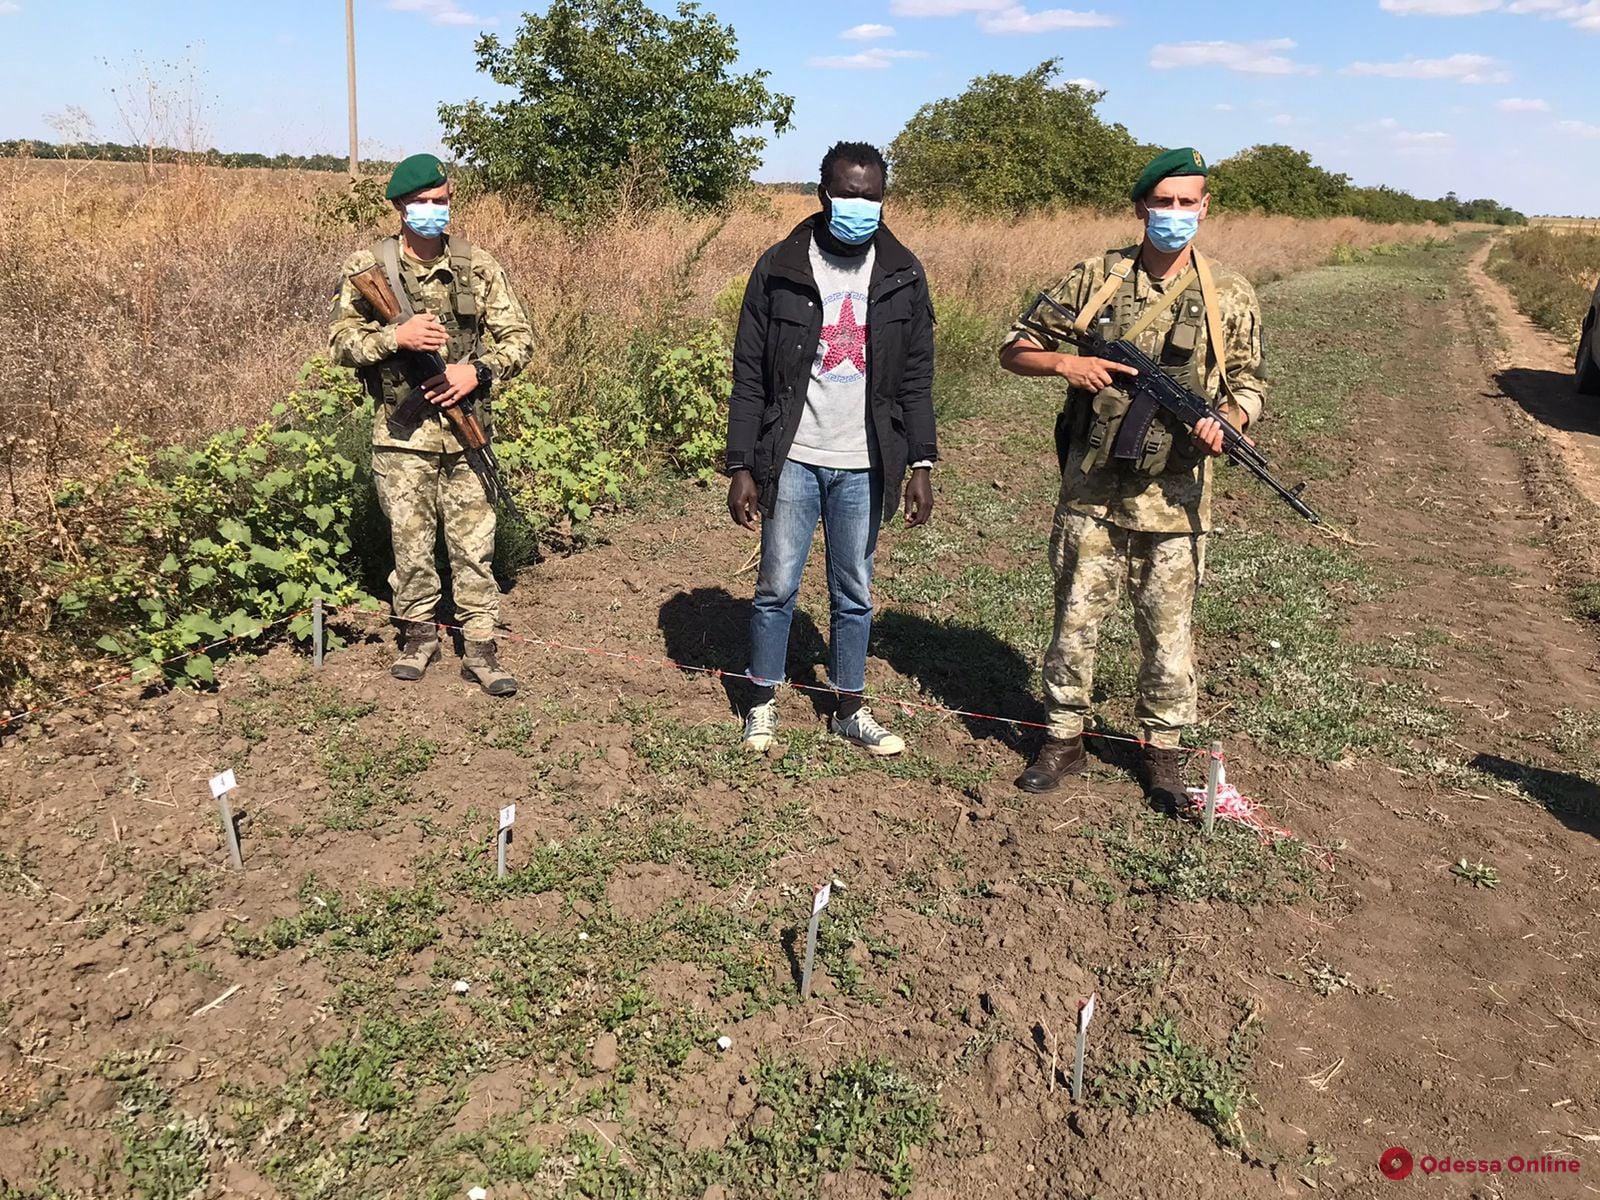 Шел в Украину в поисках лучшей жизни: в Одесской области на госгранице задержали гражданина Гамбии